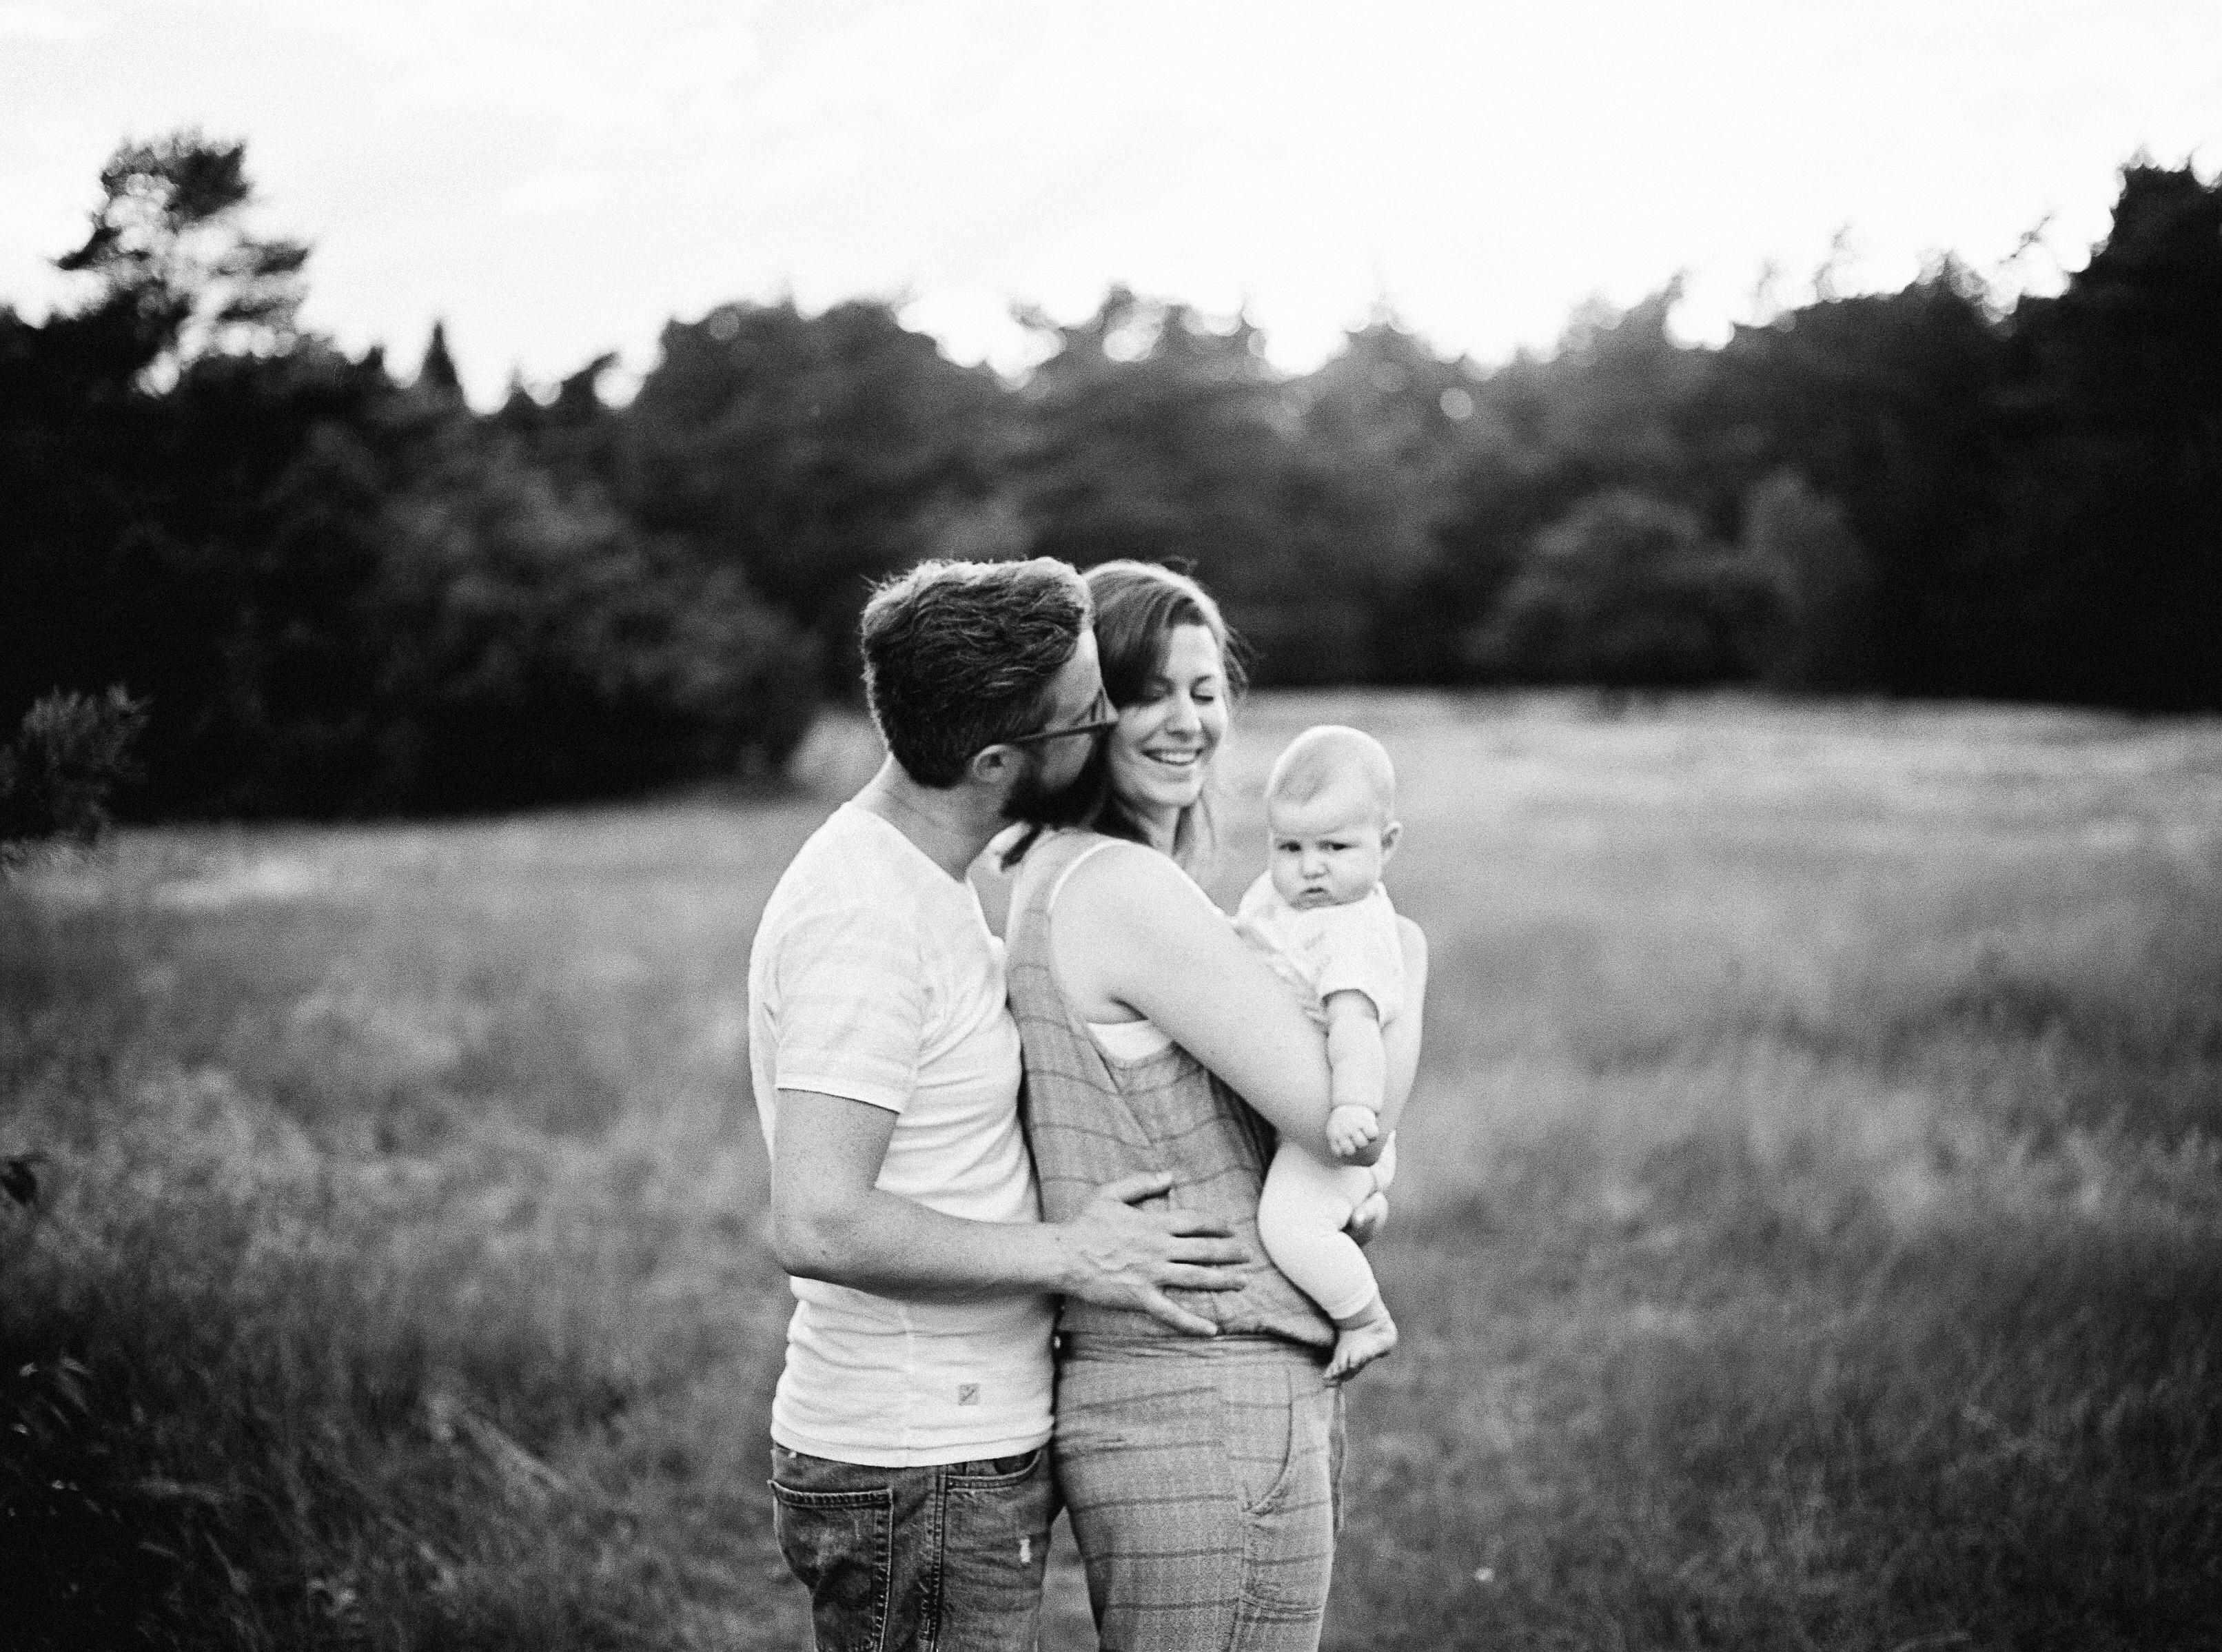 loveshoot_proposal_hanke_arkenbout-042